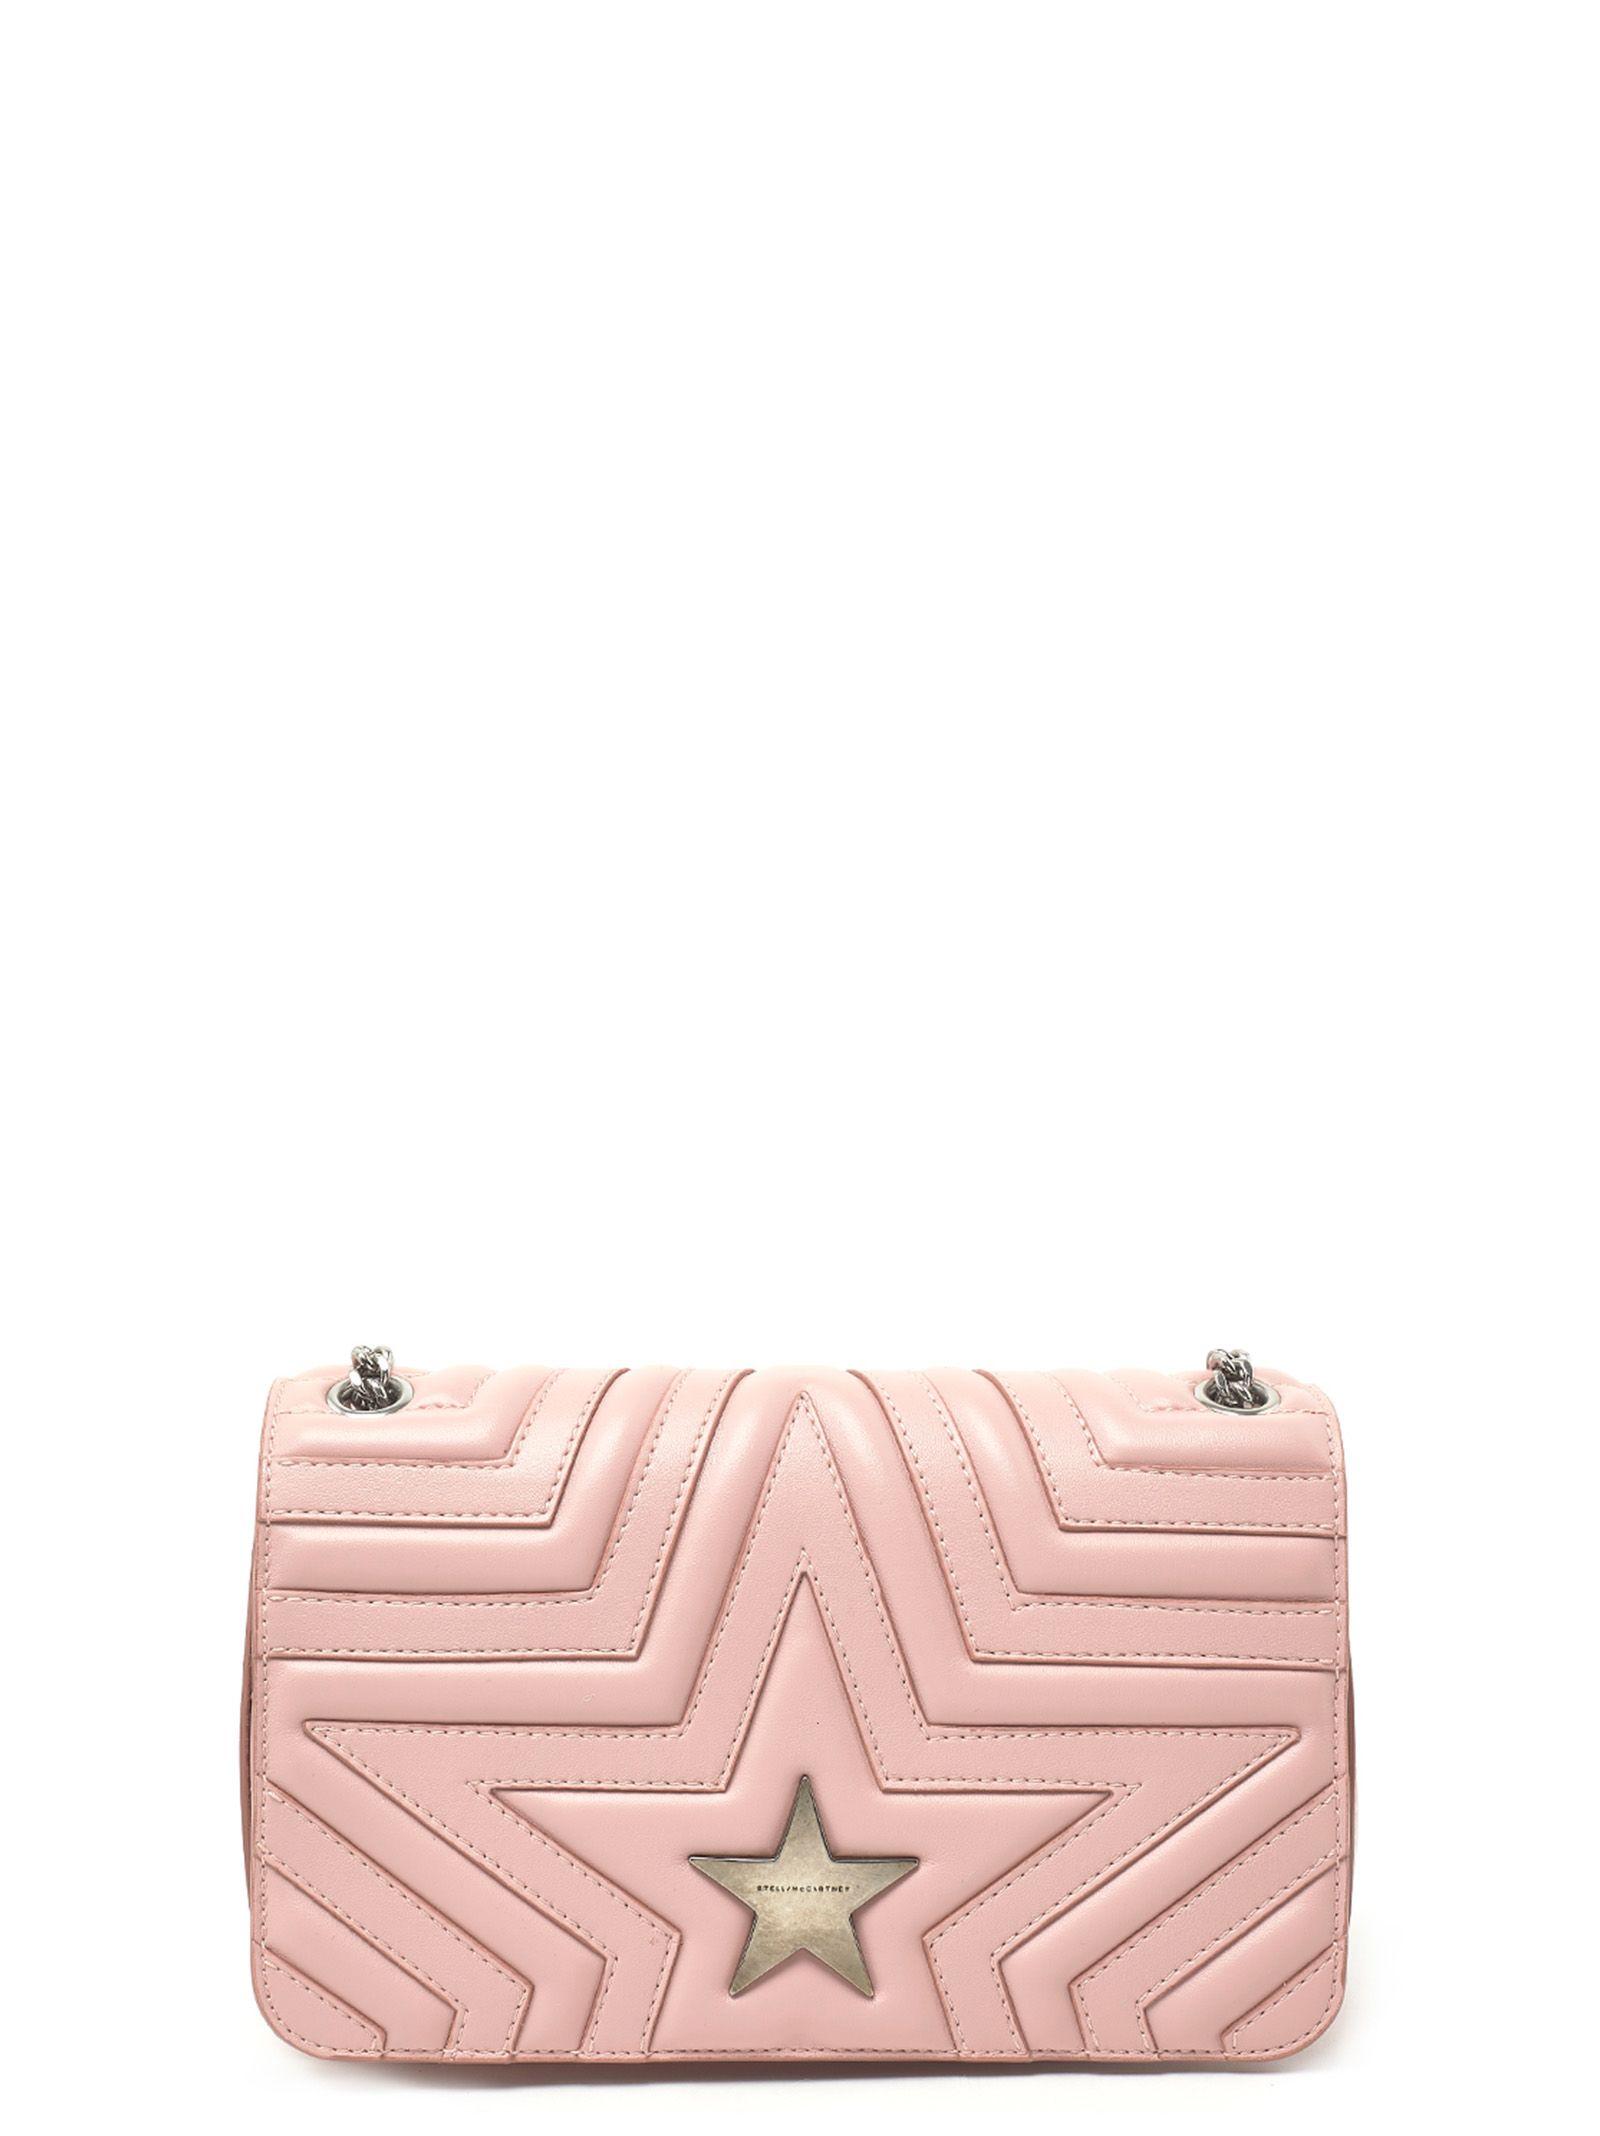 Stella McCartney Stella Mccartney  stella Star  Bag - Pink ... 509b5d2135d9a